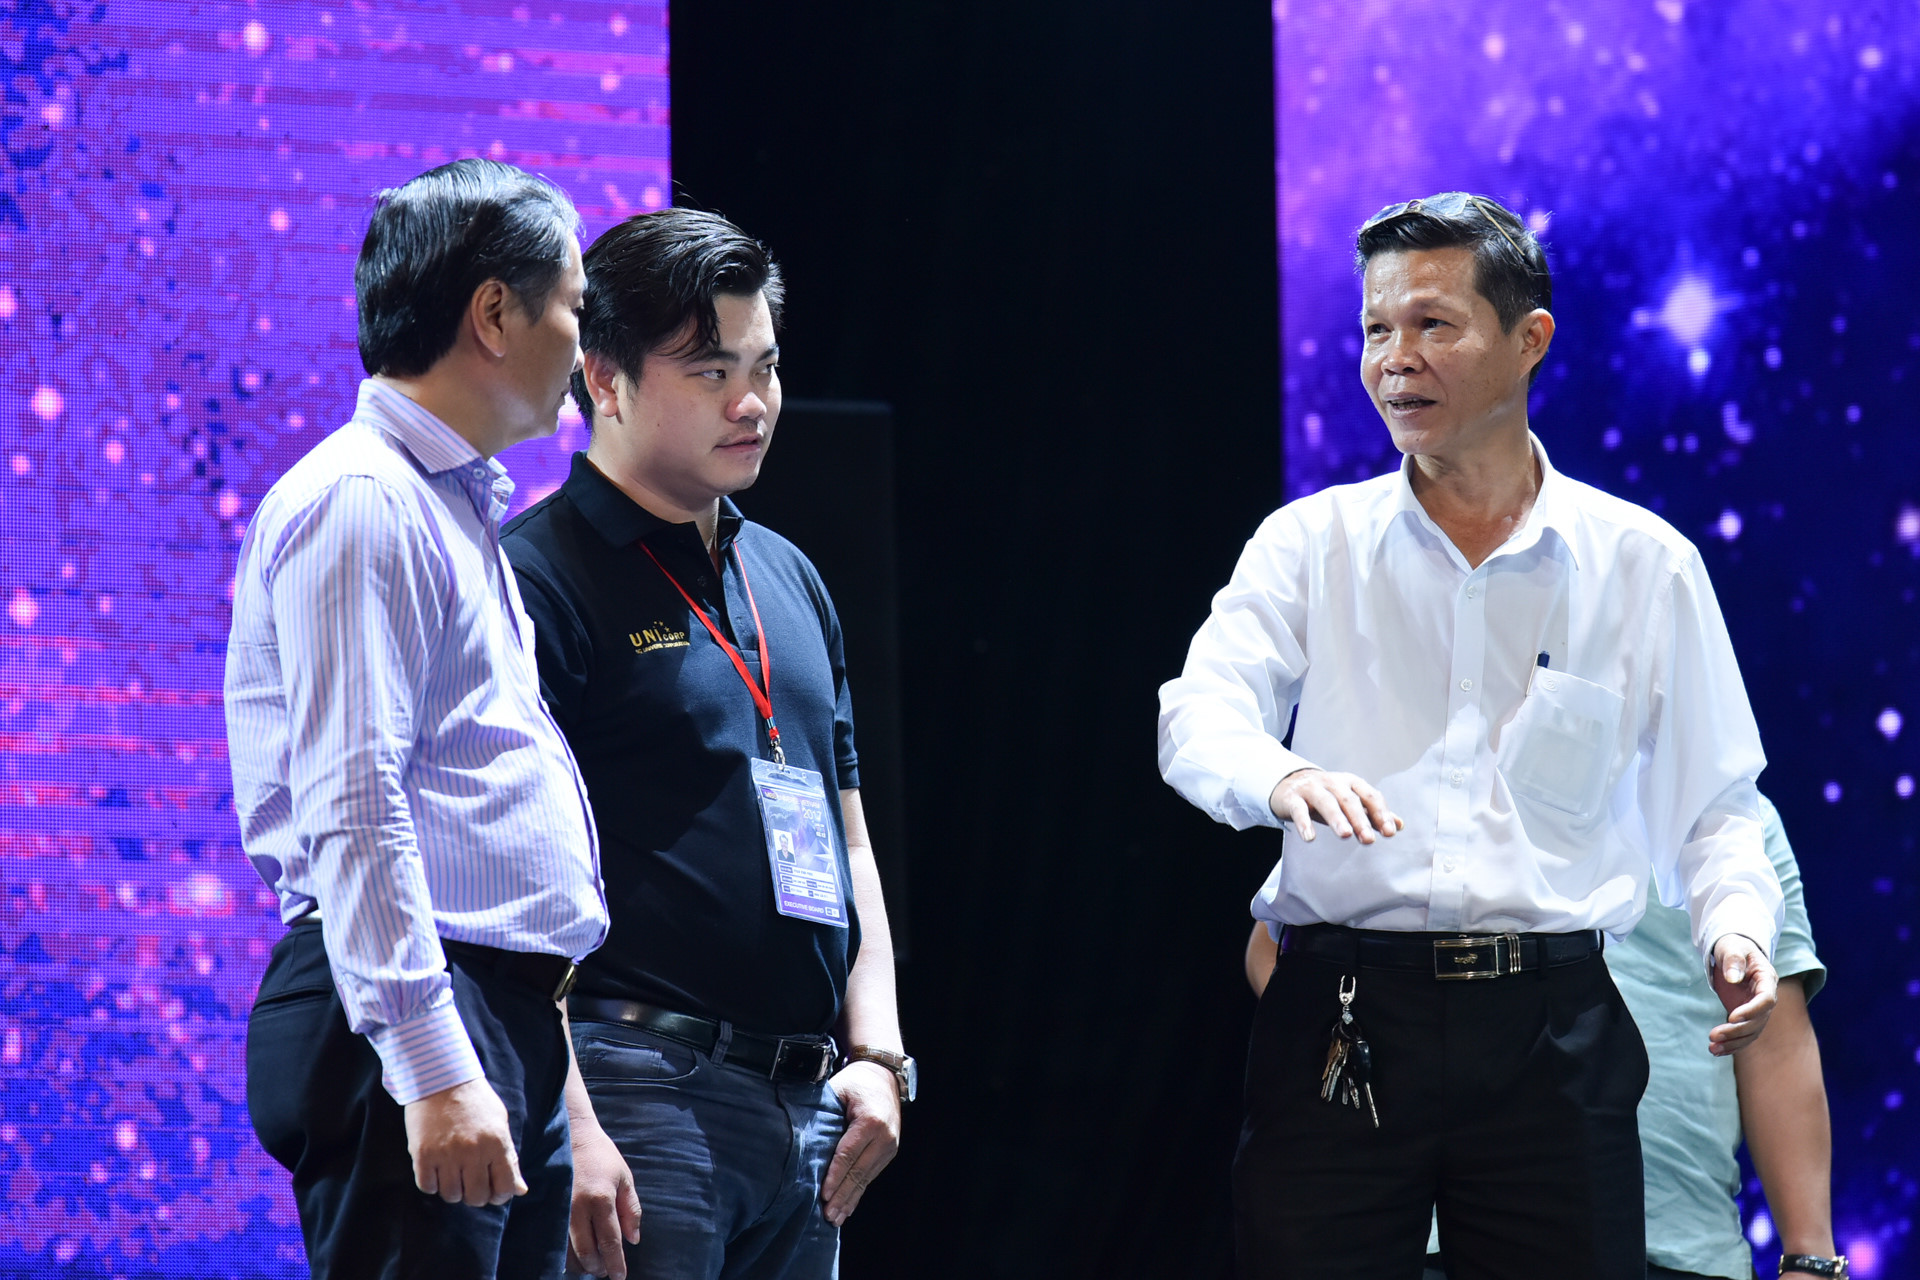 Bán kết Hoa hậu Hoàn vũ Việt Nam có thể bị hoãn vì bão số 12